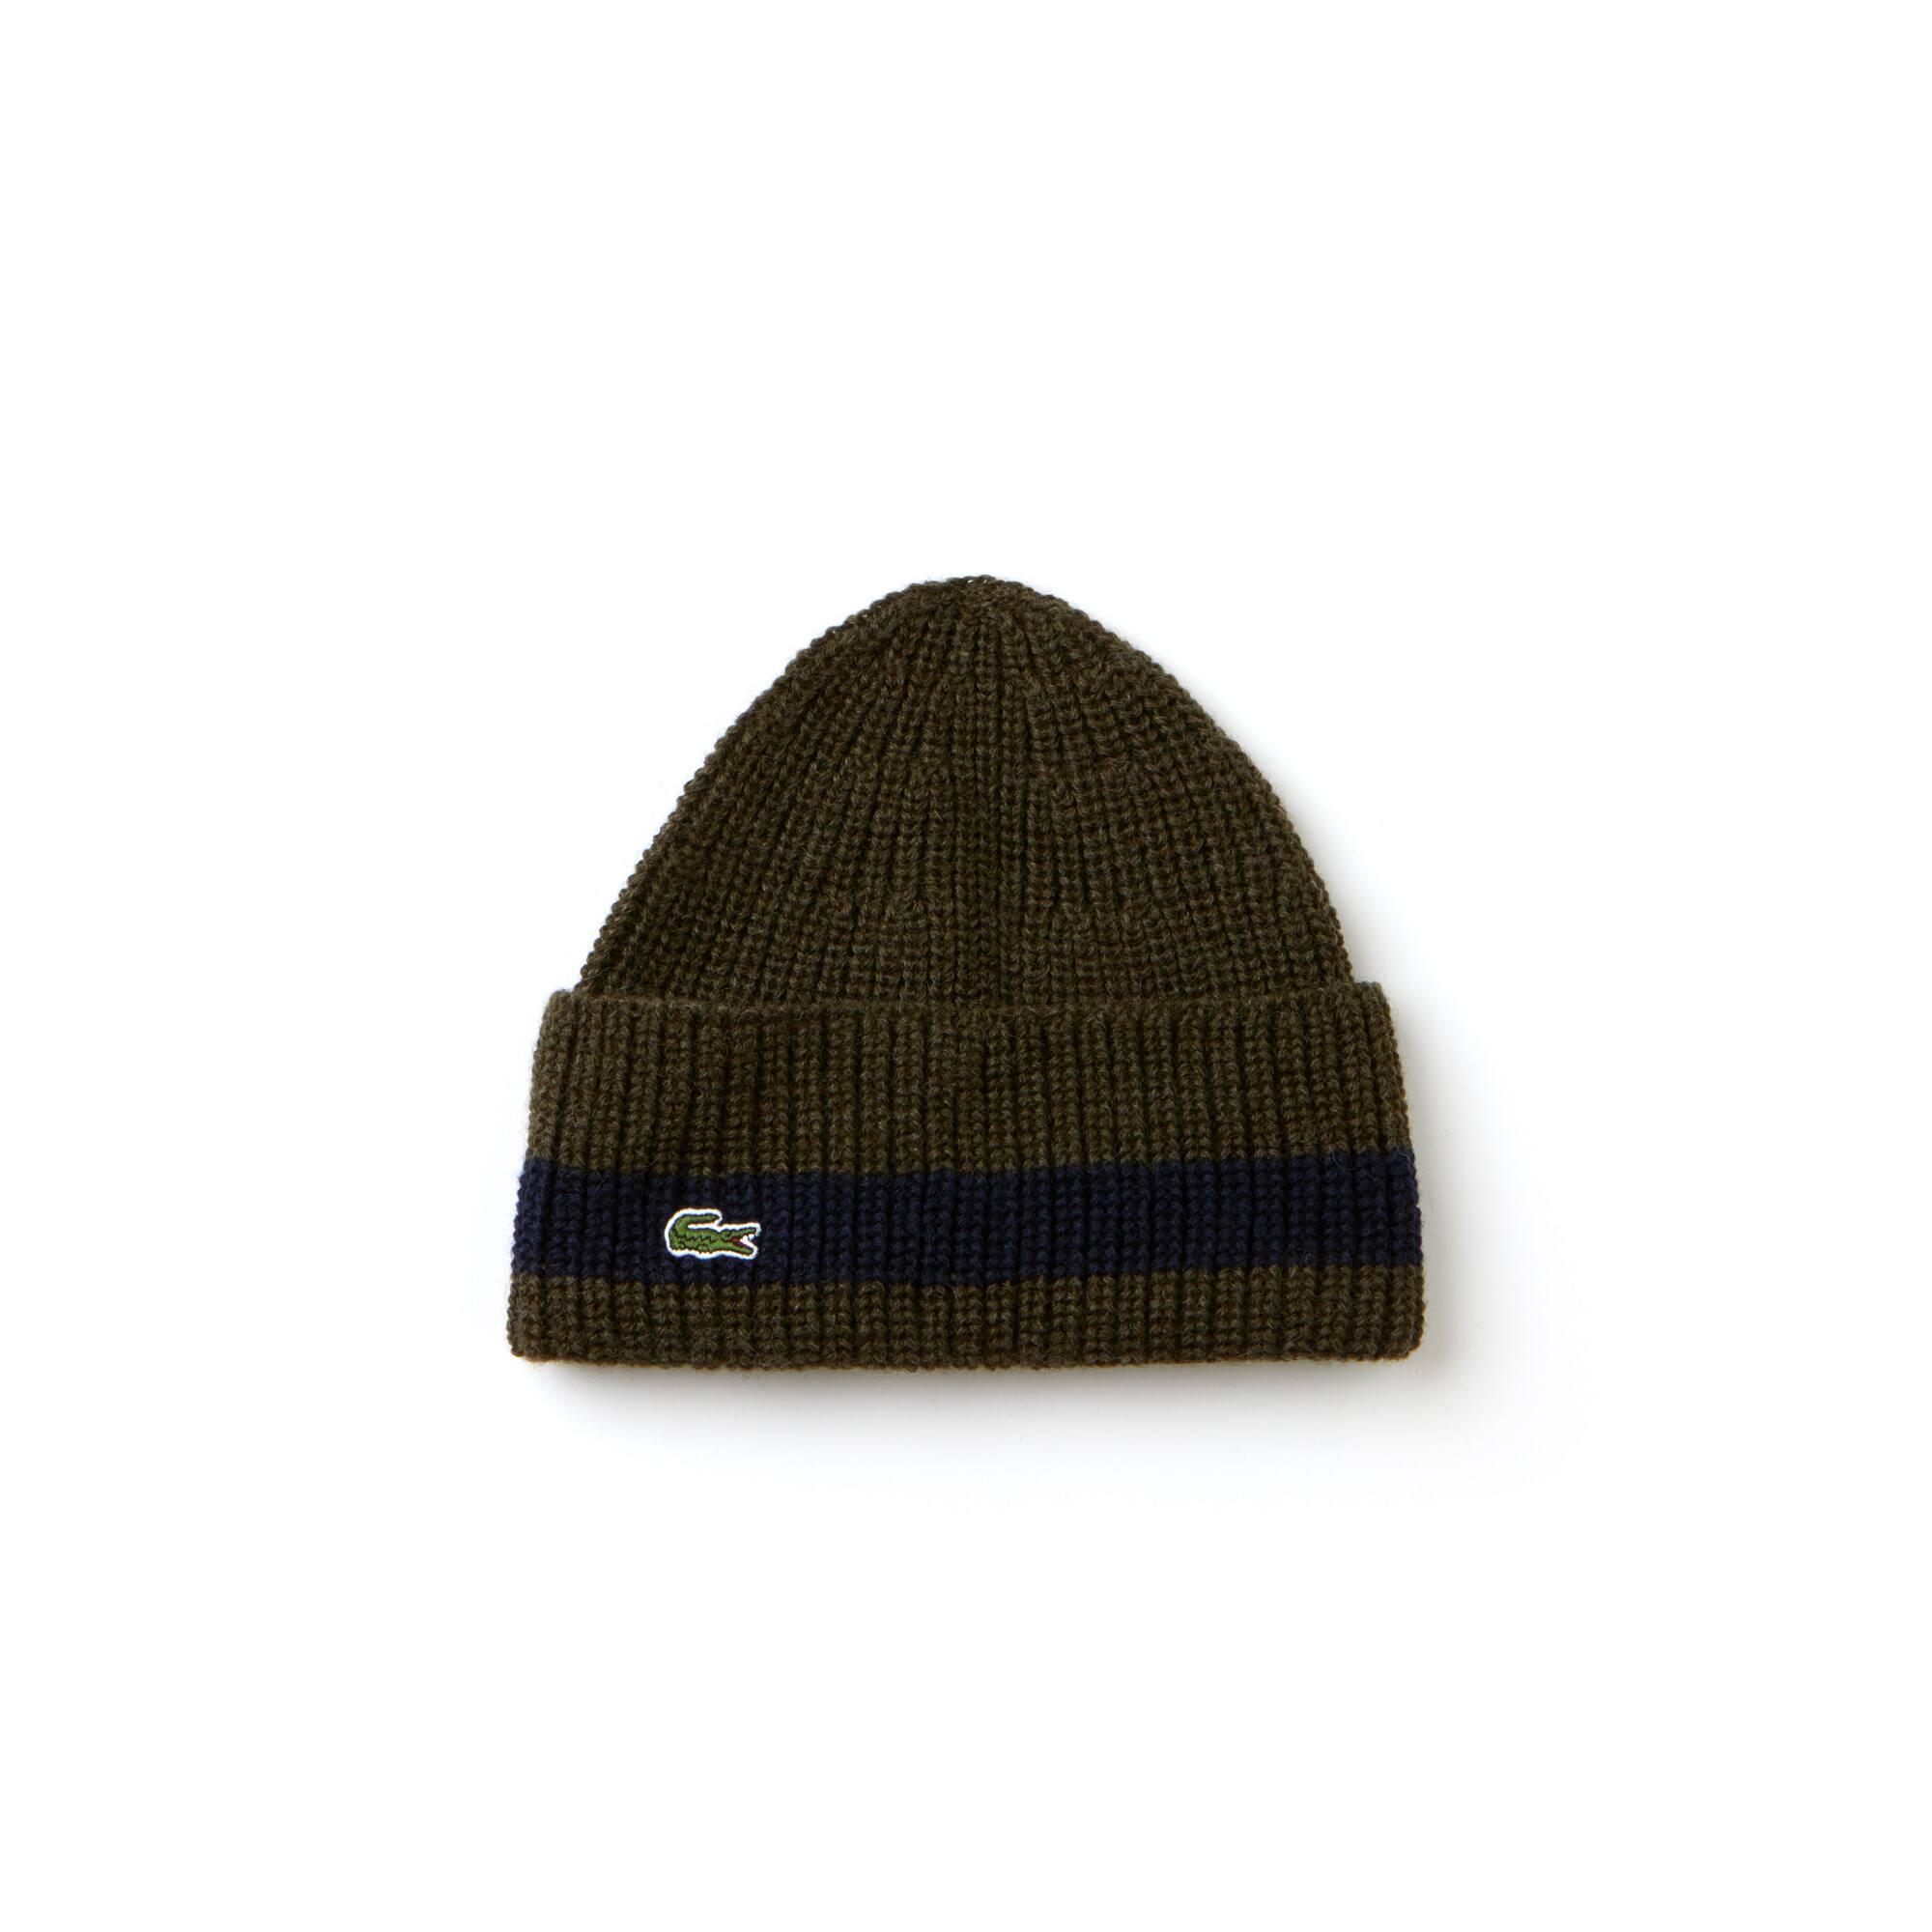 Herren-Mütze aus gerippter Wolle mit umgeschlagenem Saum